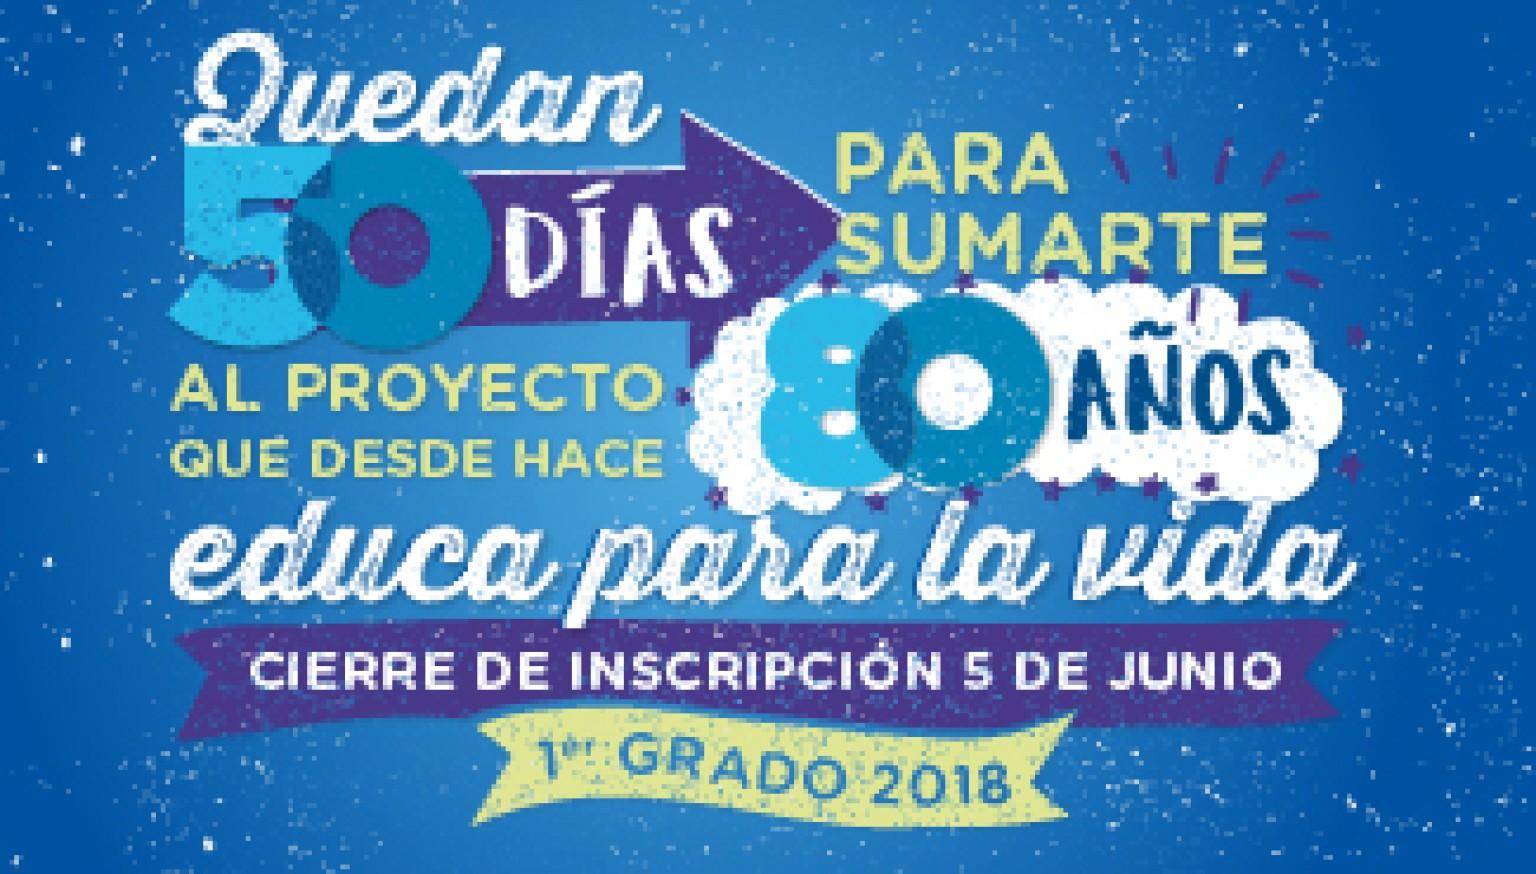 Cierre de inscripción 1er. grado 2018